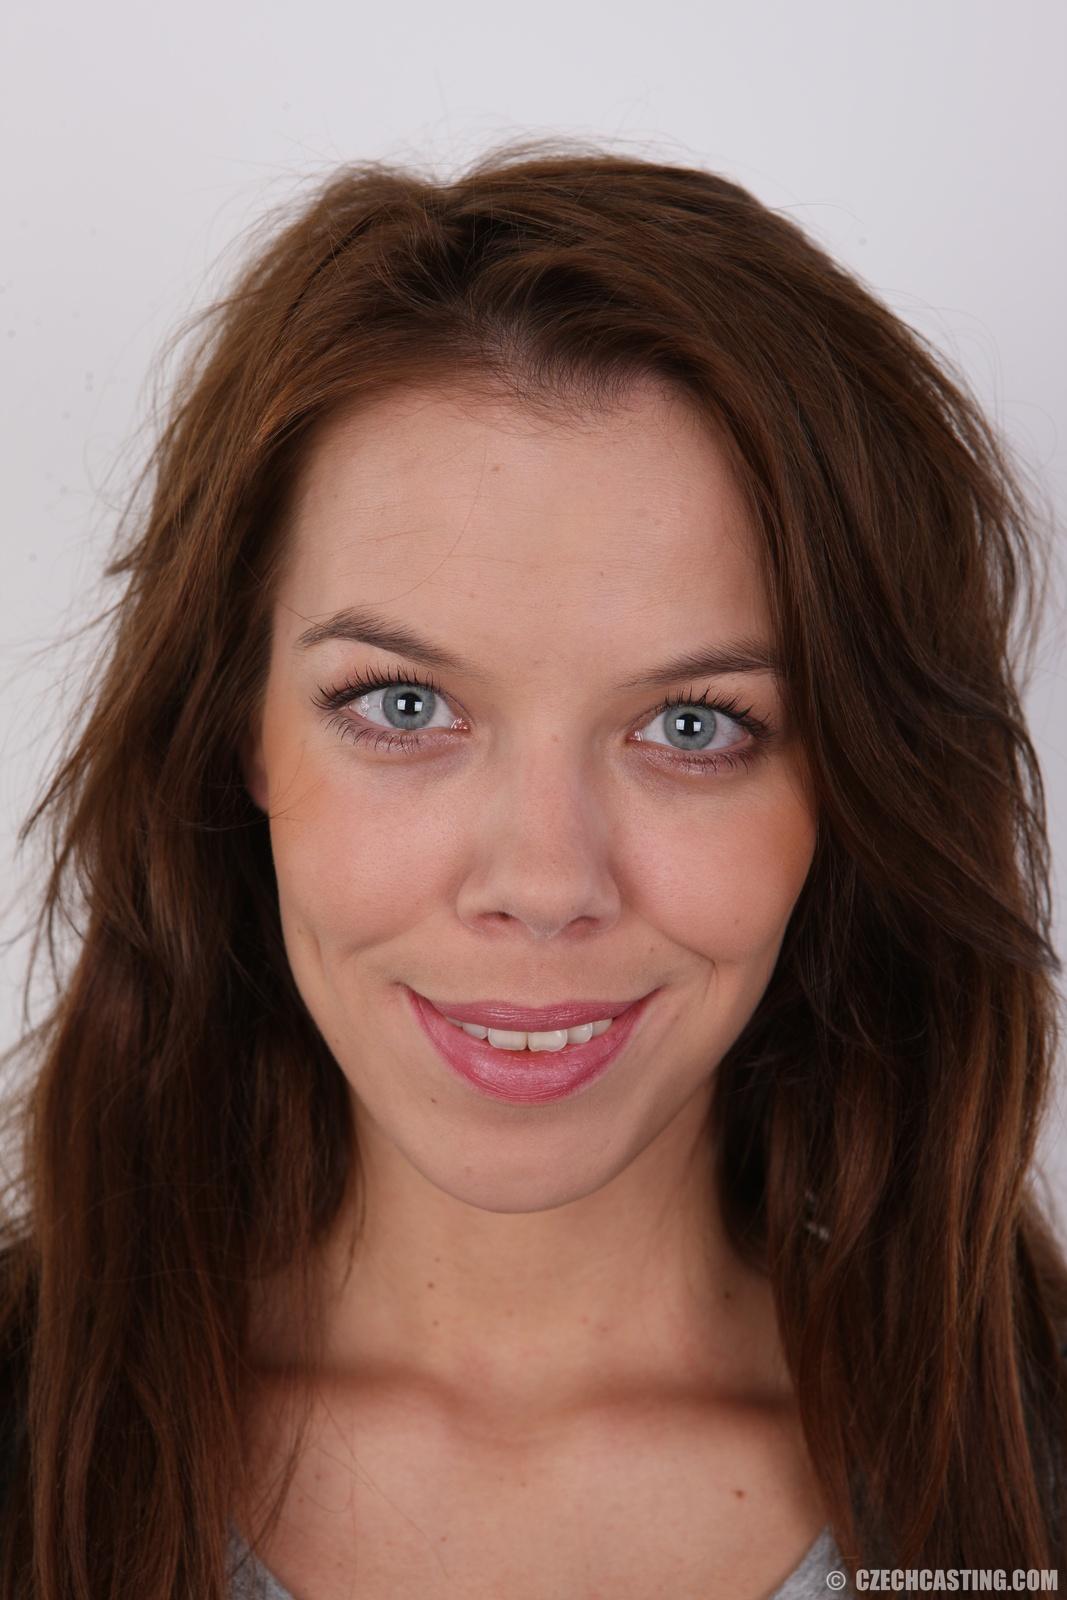 Denisa czech casting Czech Casting